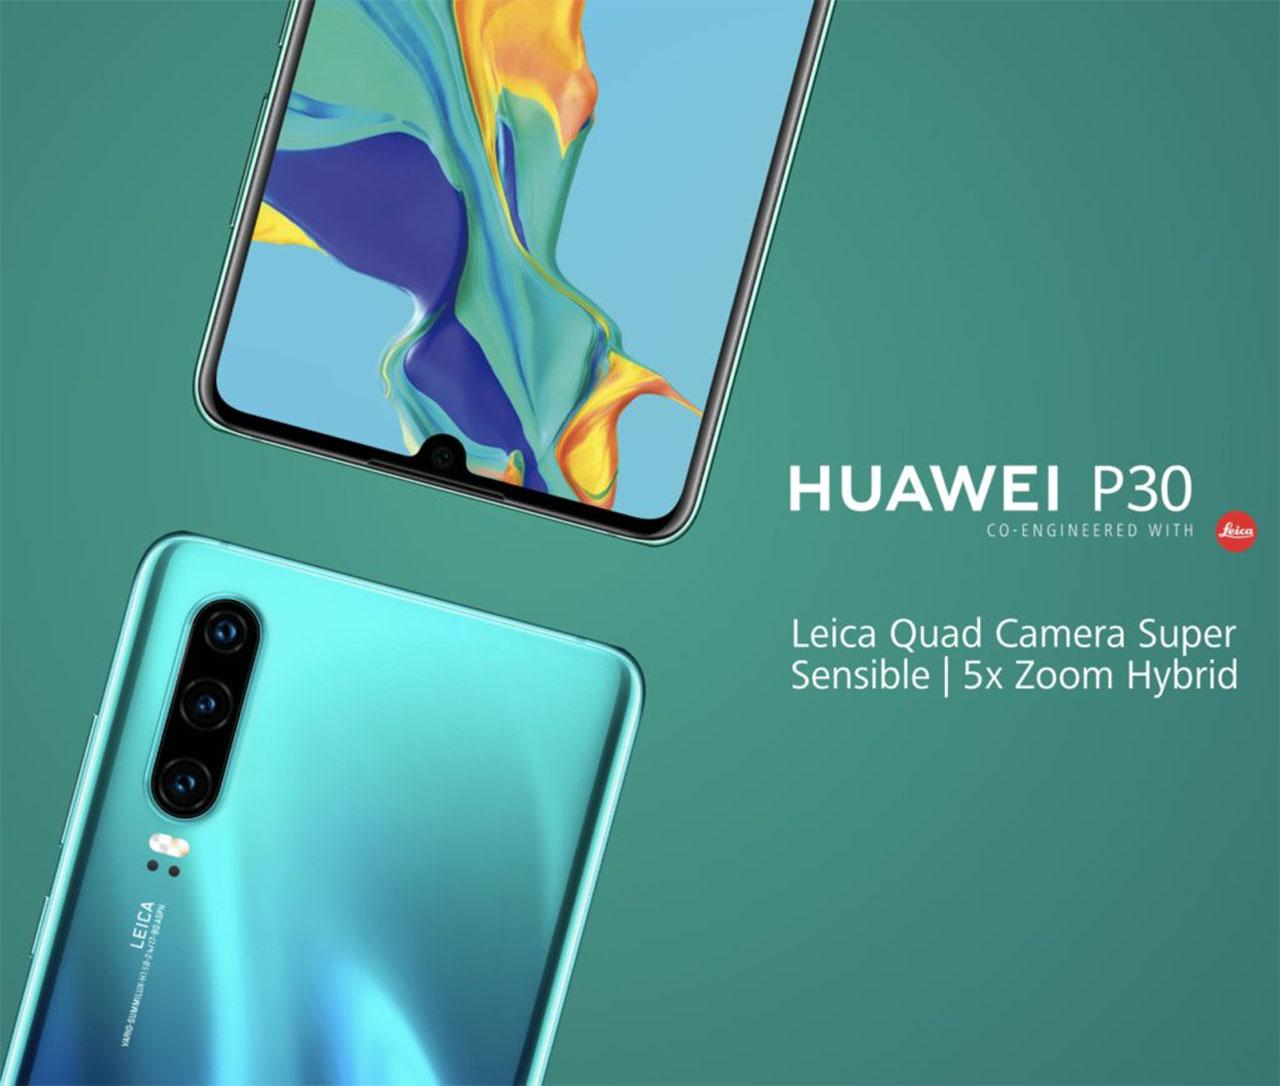 Imagem promocional mostra Huawei P30 de frente e de costas